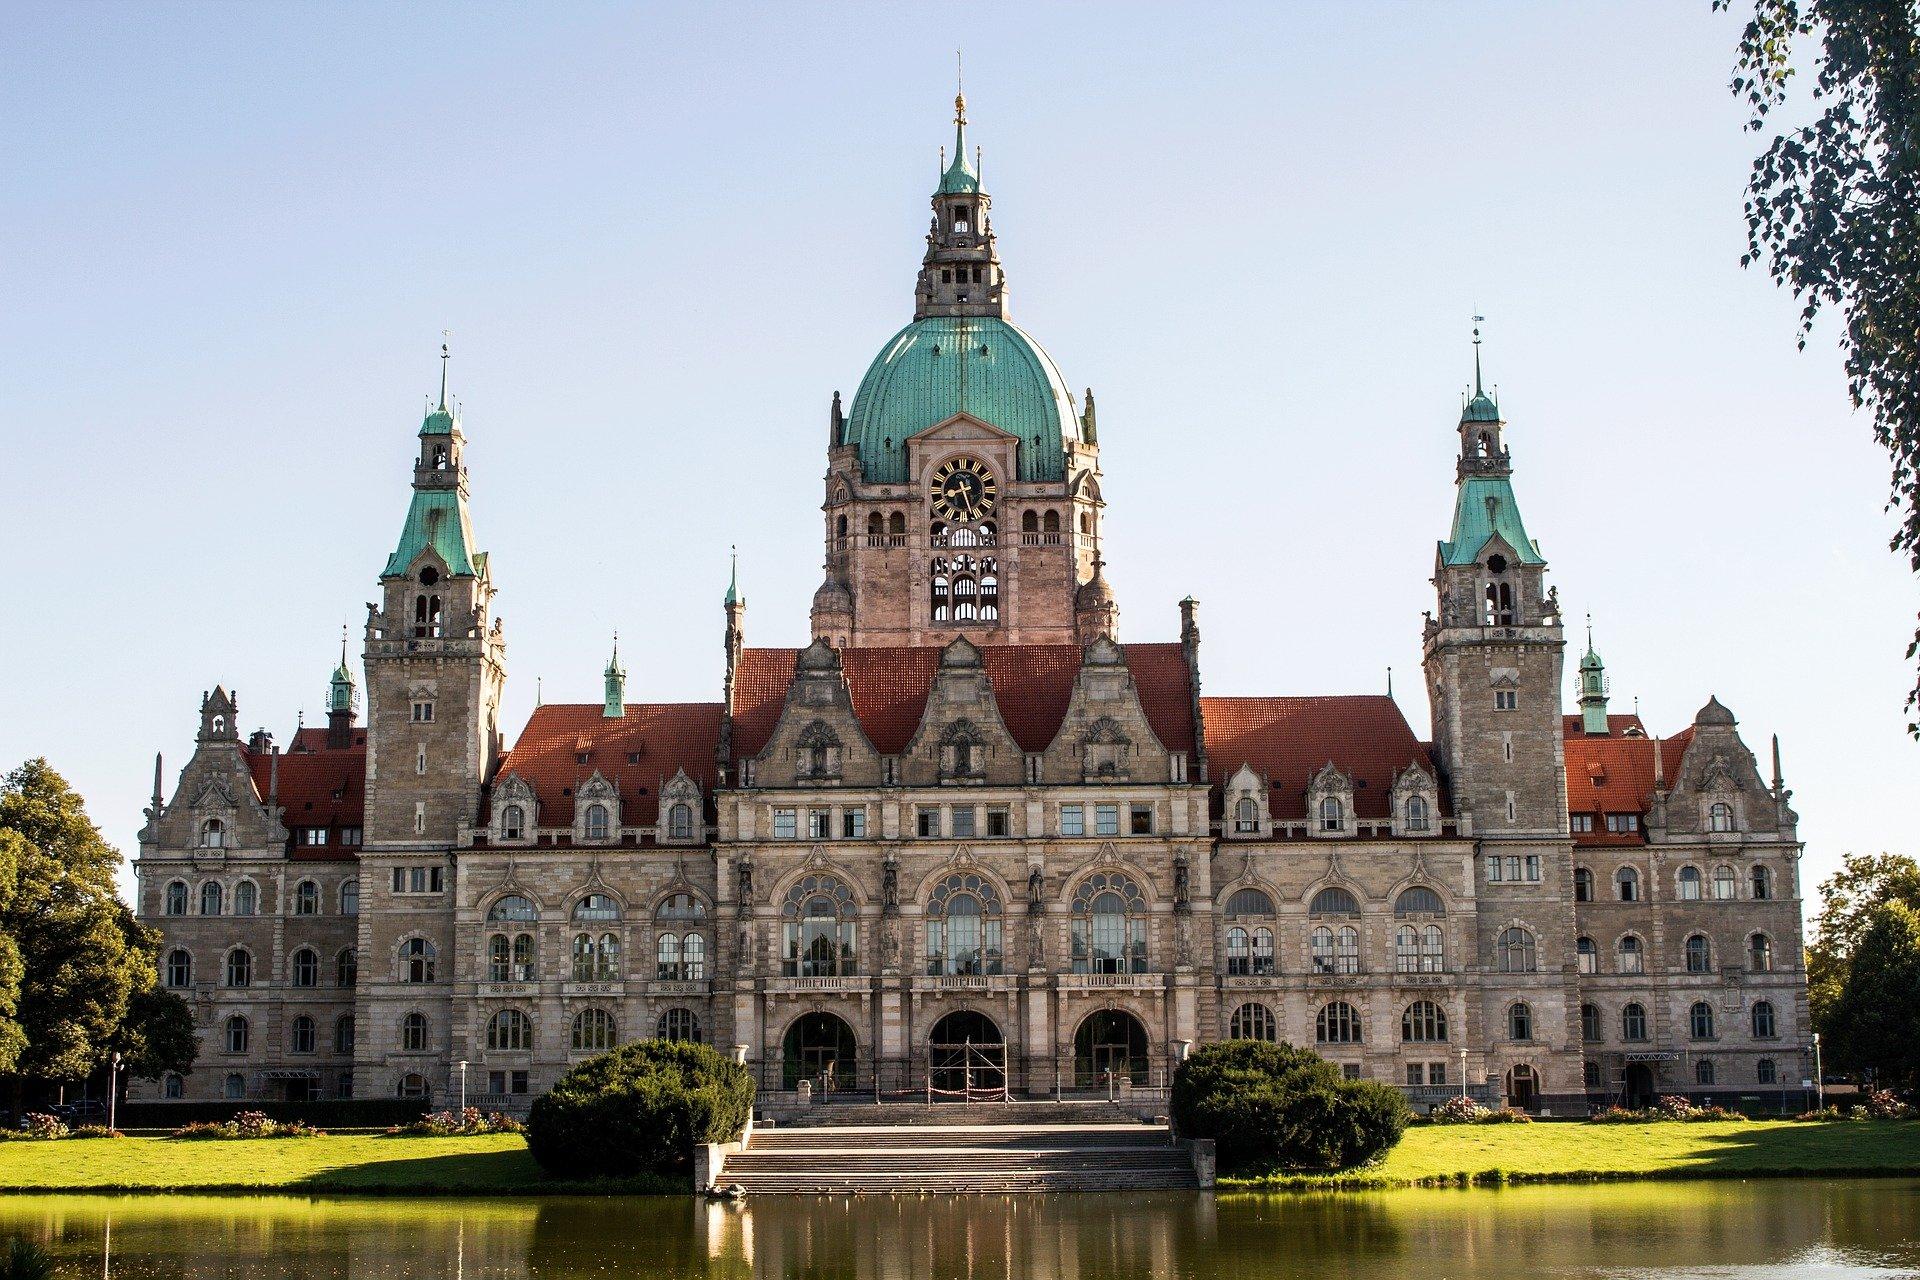 75 Jahre Niedersachsen - Rathaus Hannover